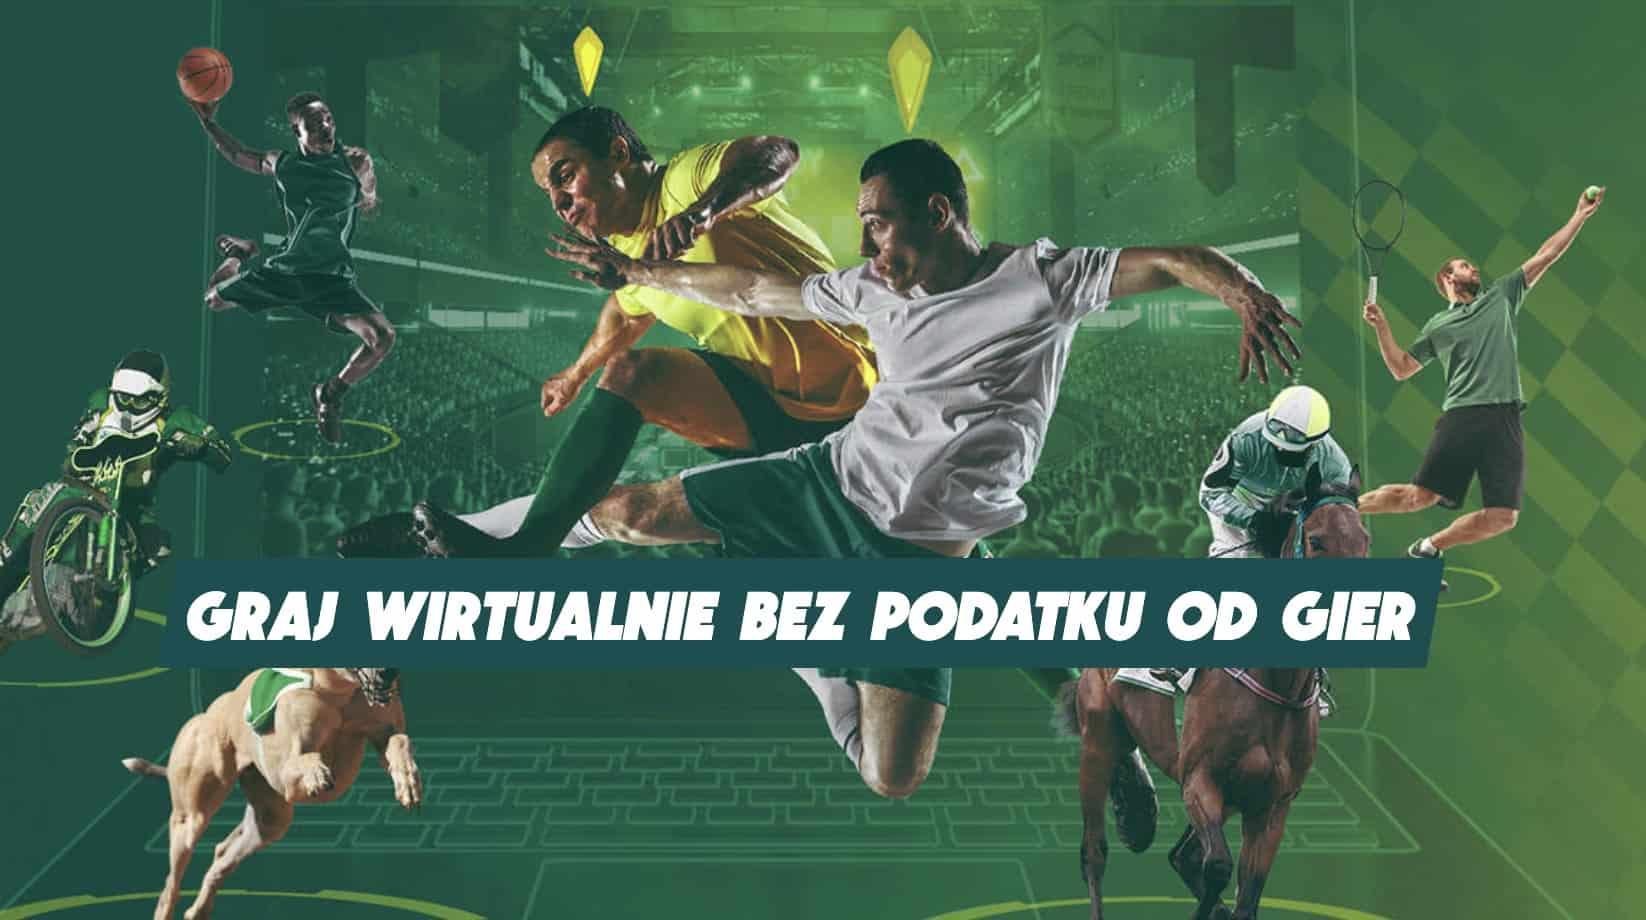 Gdzie są w Betfan wirtualne sporty?